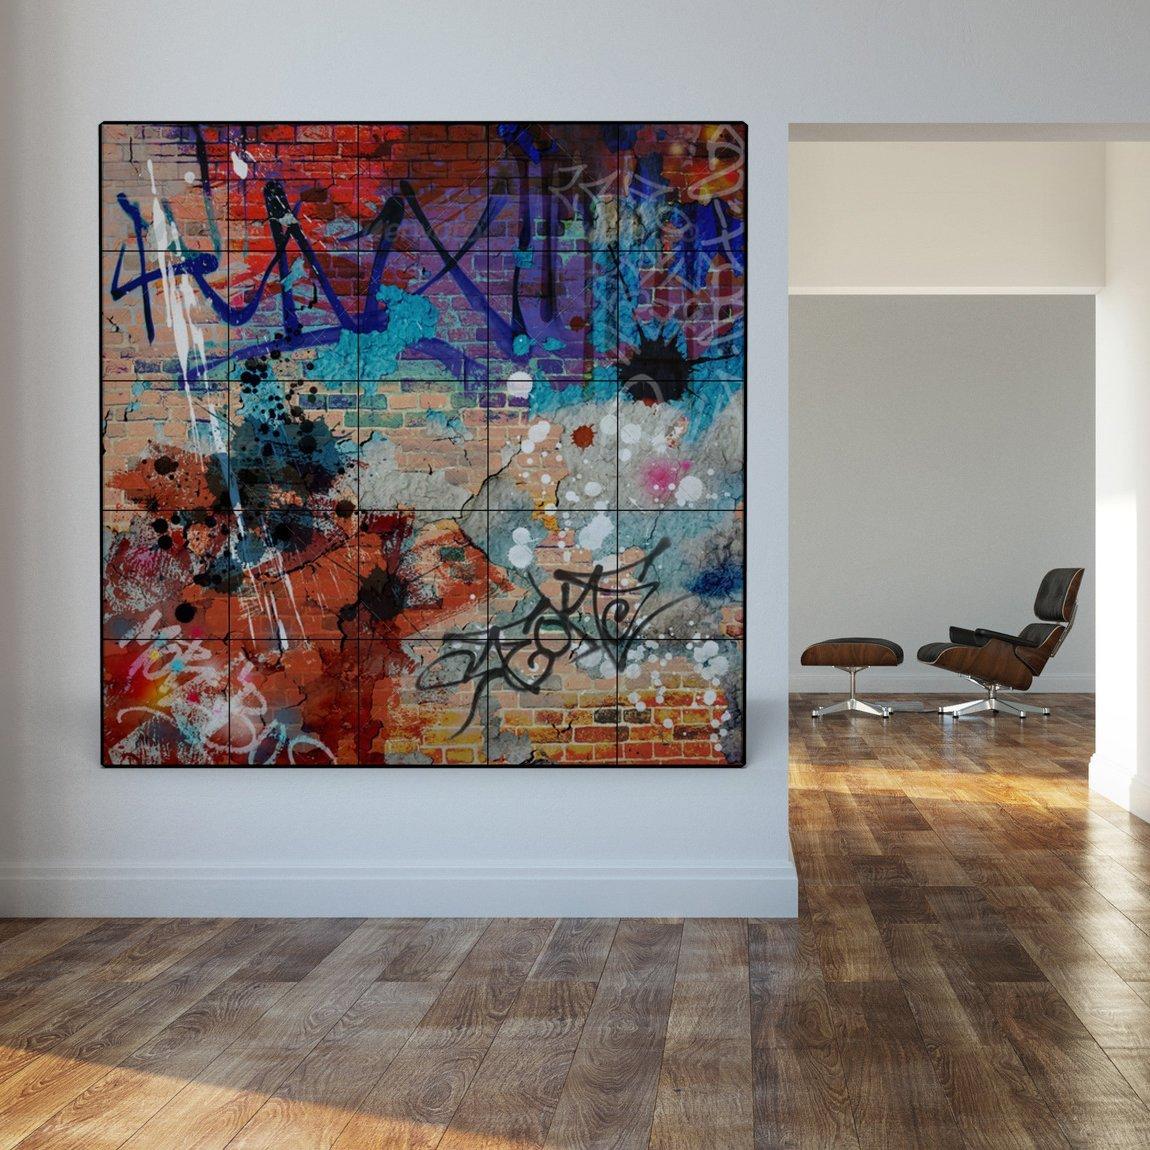 pannello radiante a parete thermosaic simple 200x200 COMFORT GRAFFITI